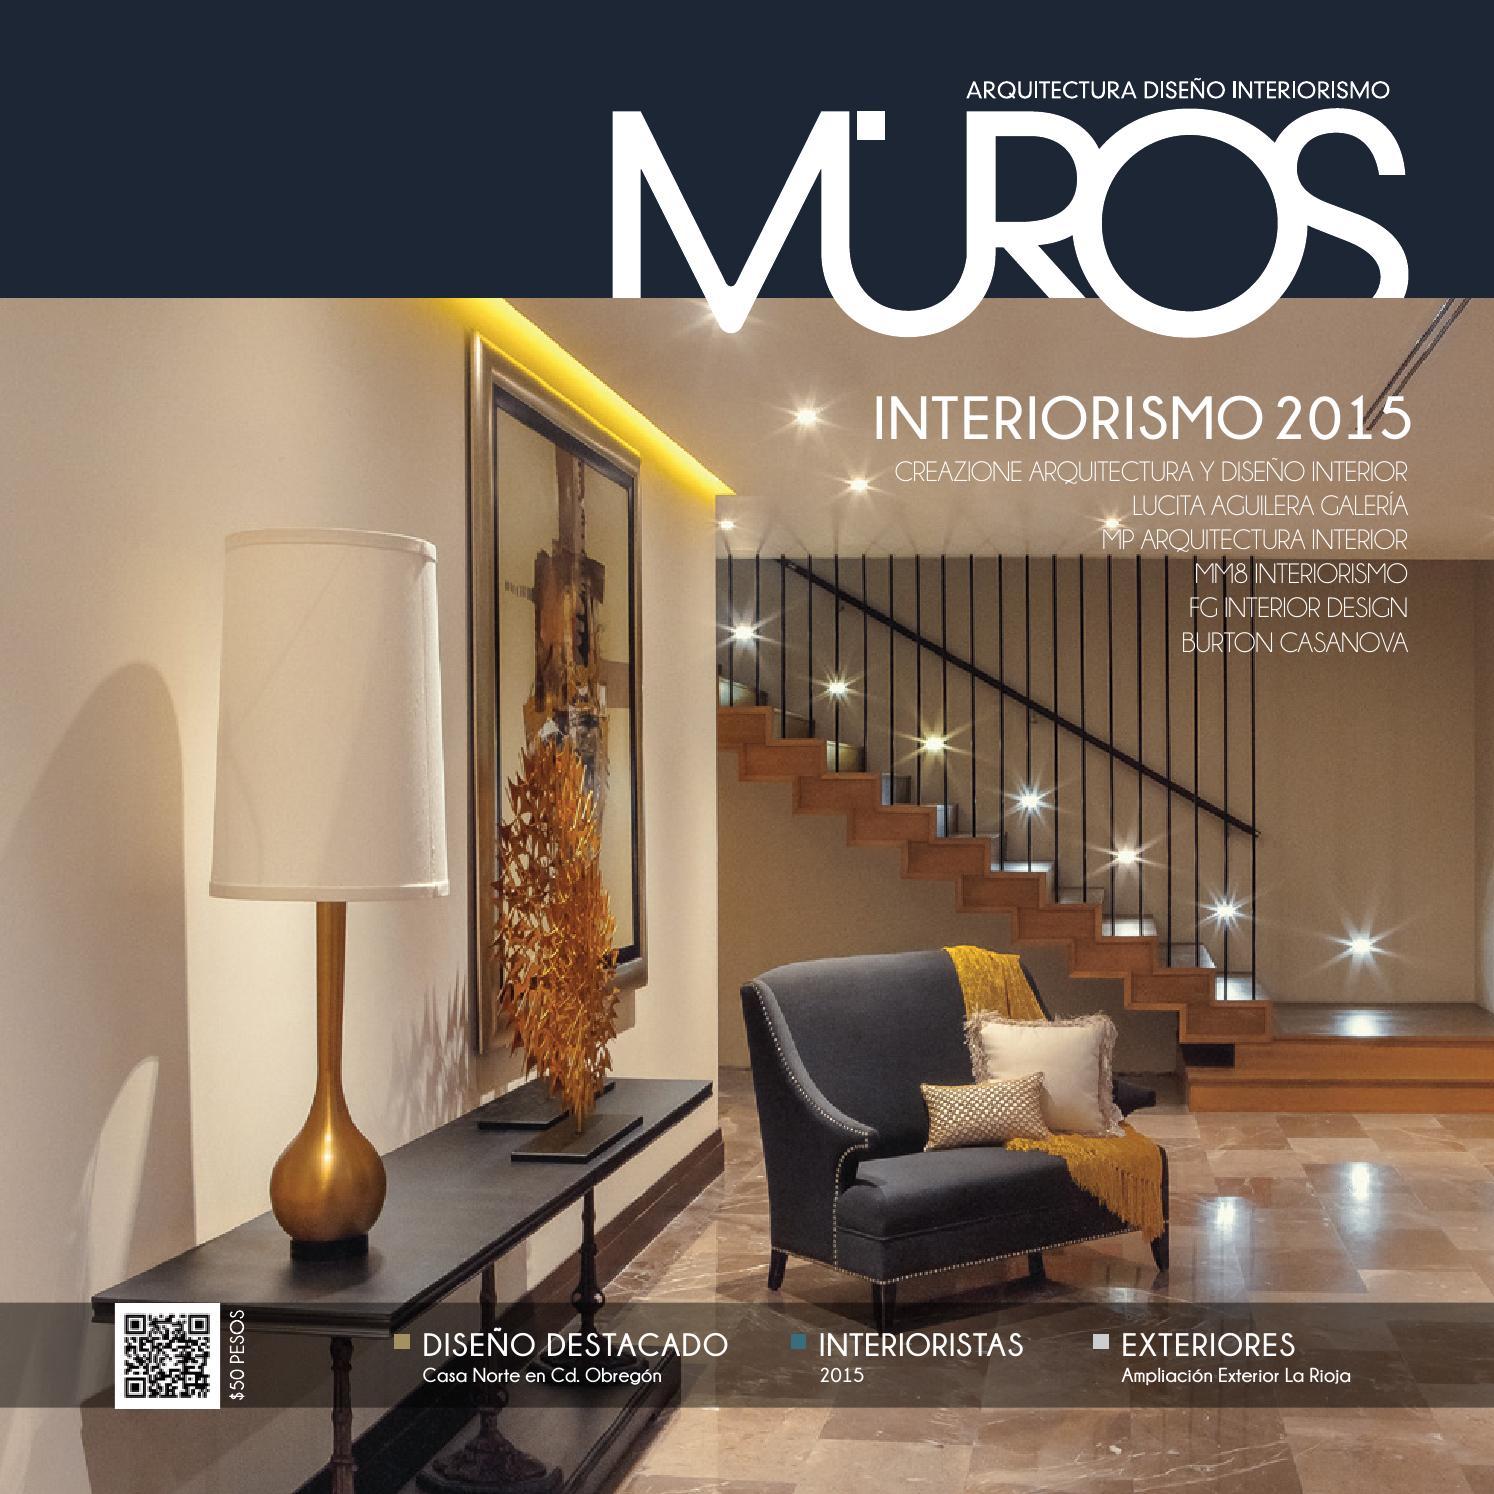 Edici n 19 revista muros arquitectura dise o interiorismo by revista muros la definici n de - Arquitectura y diseno ...